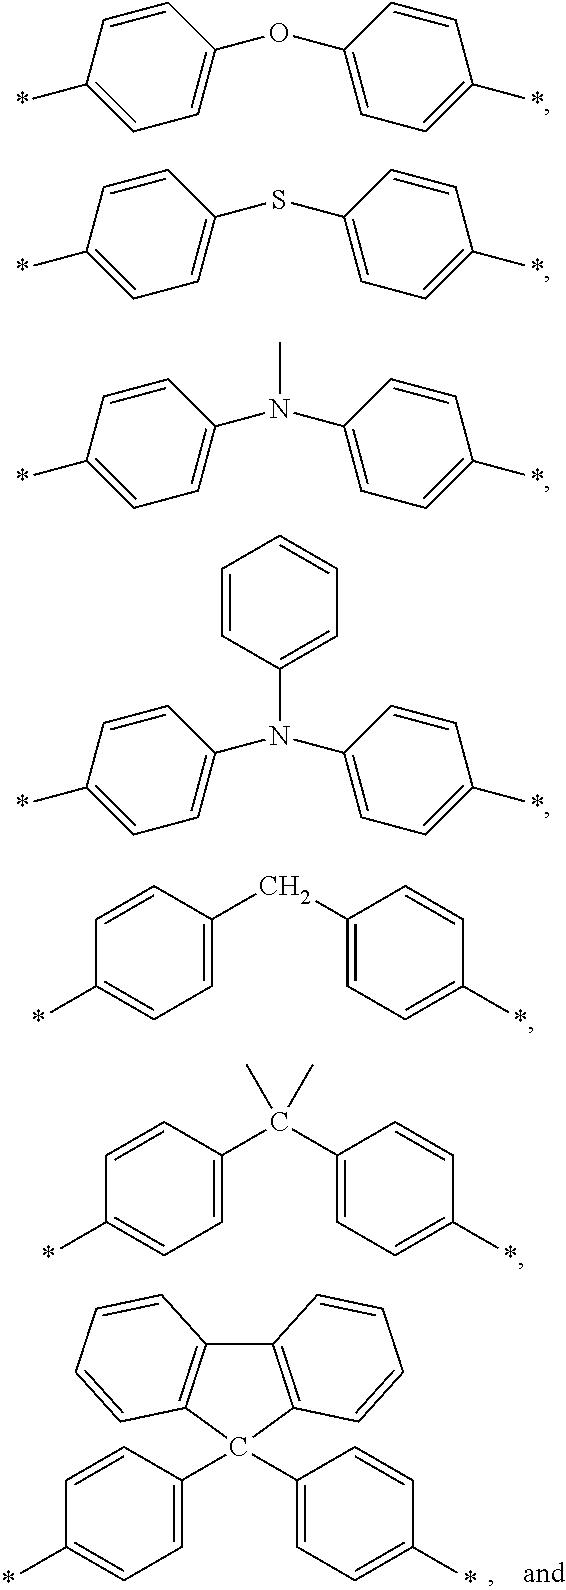 Figure US09951184-20180424-C00019